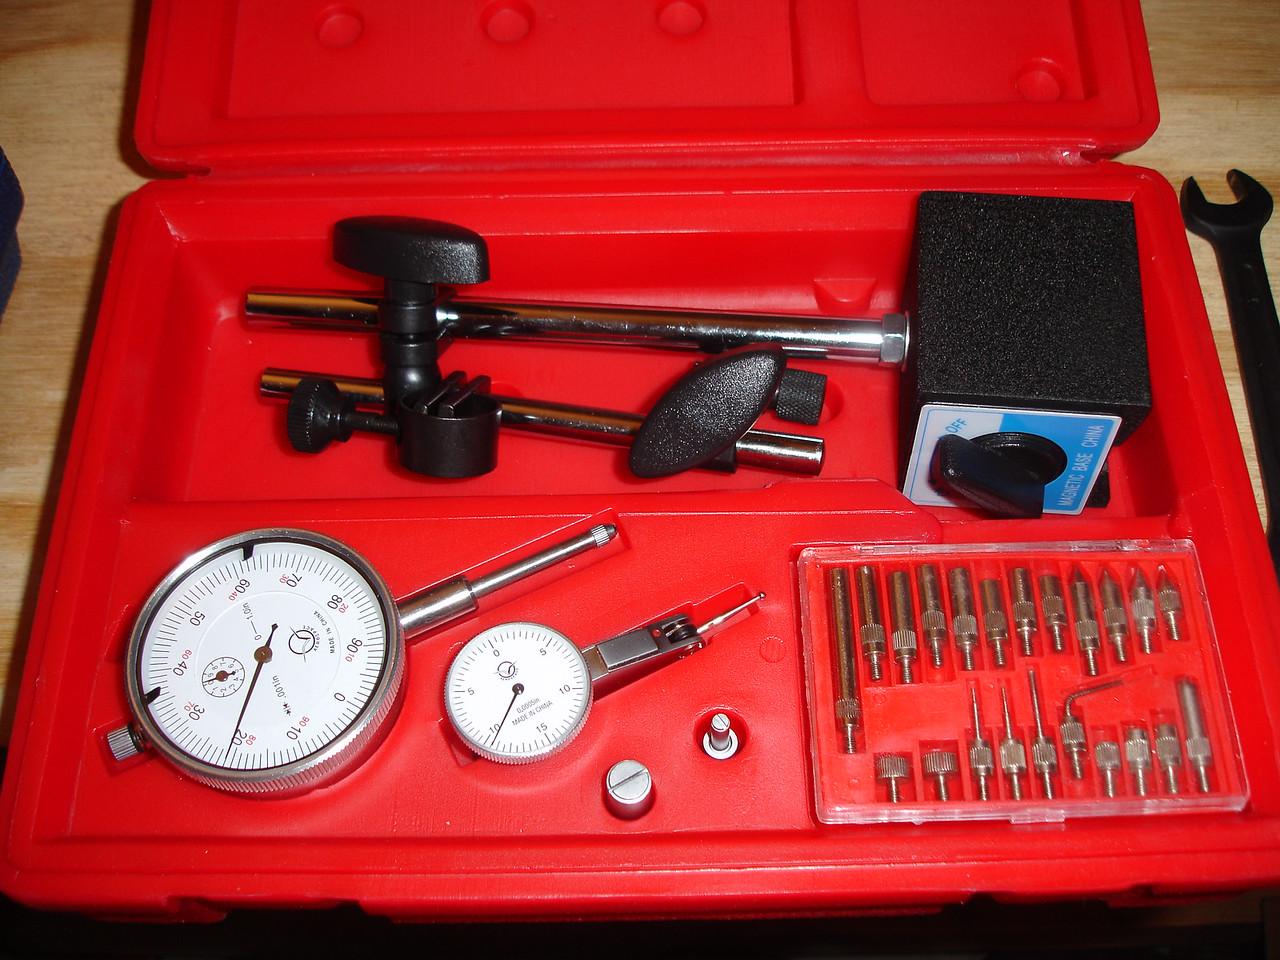 Dial indicator kit